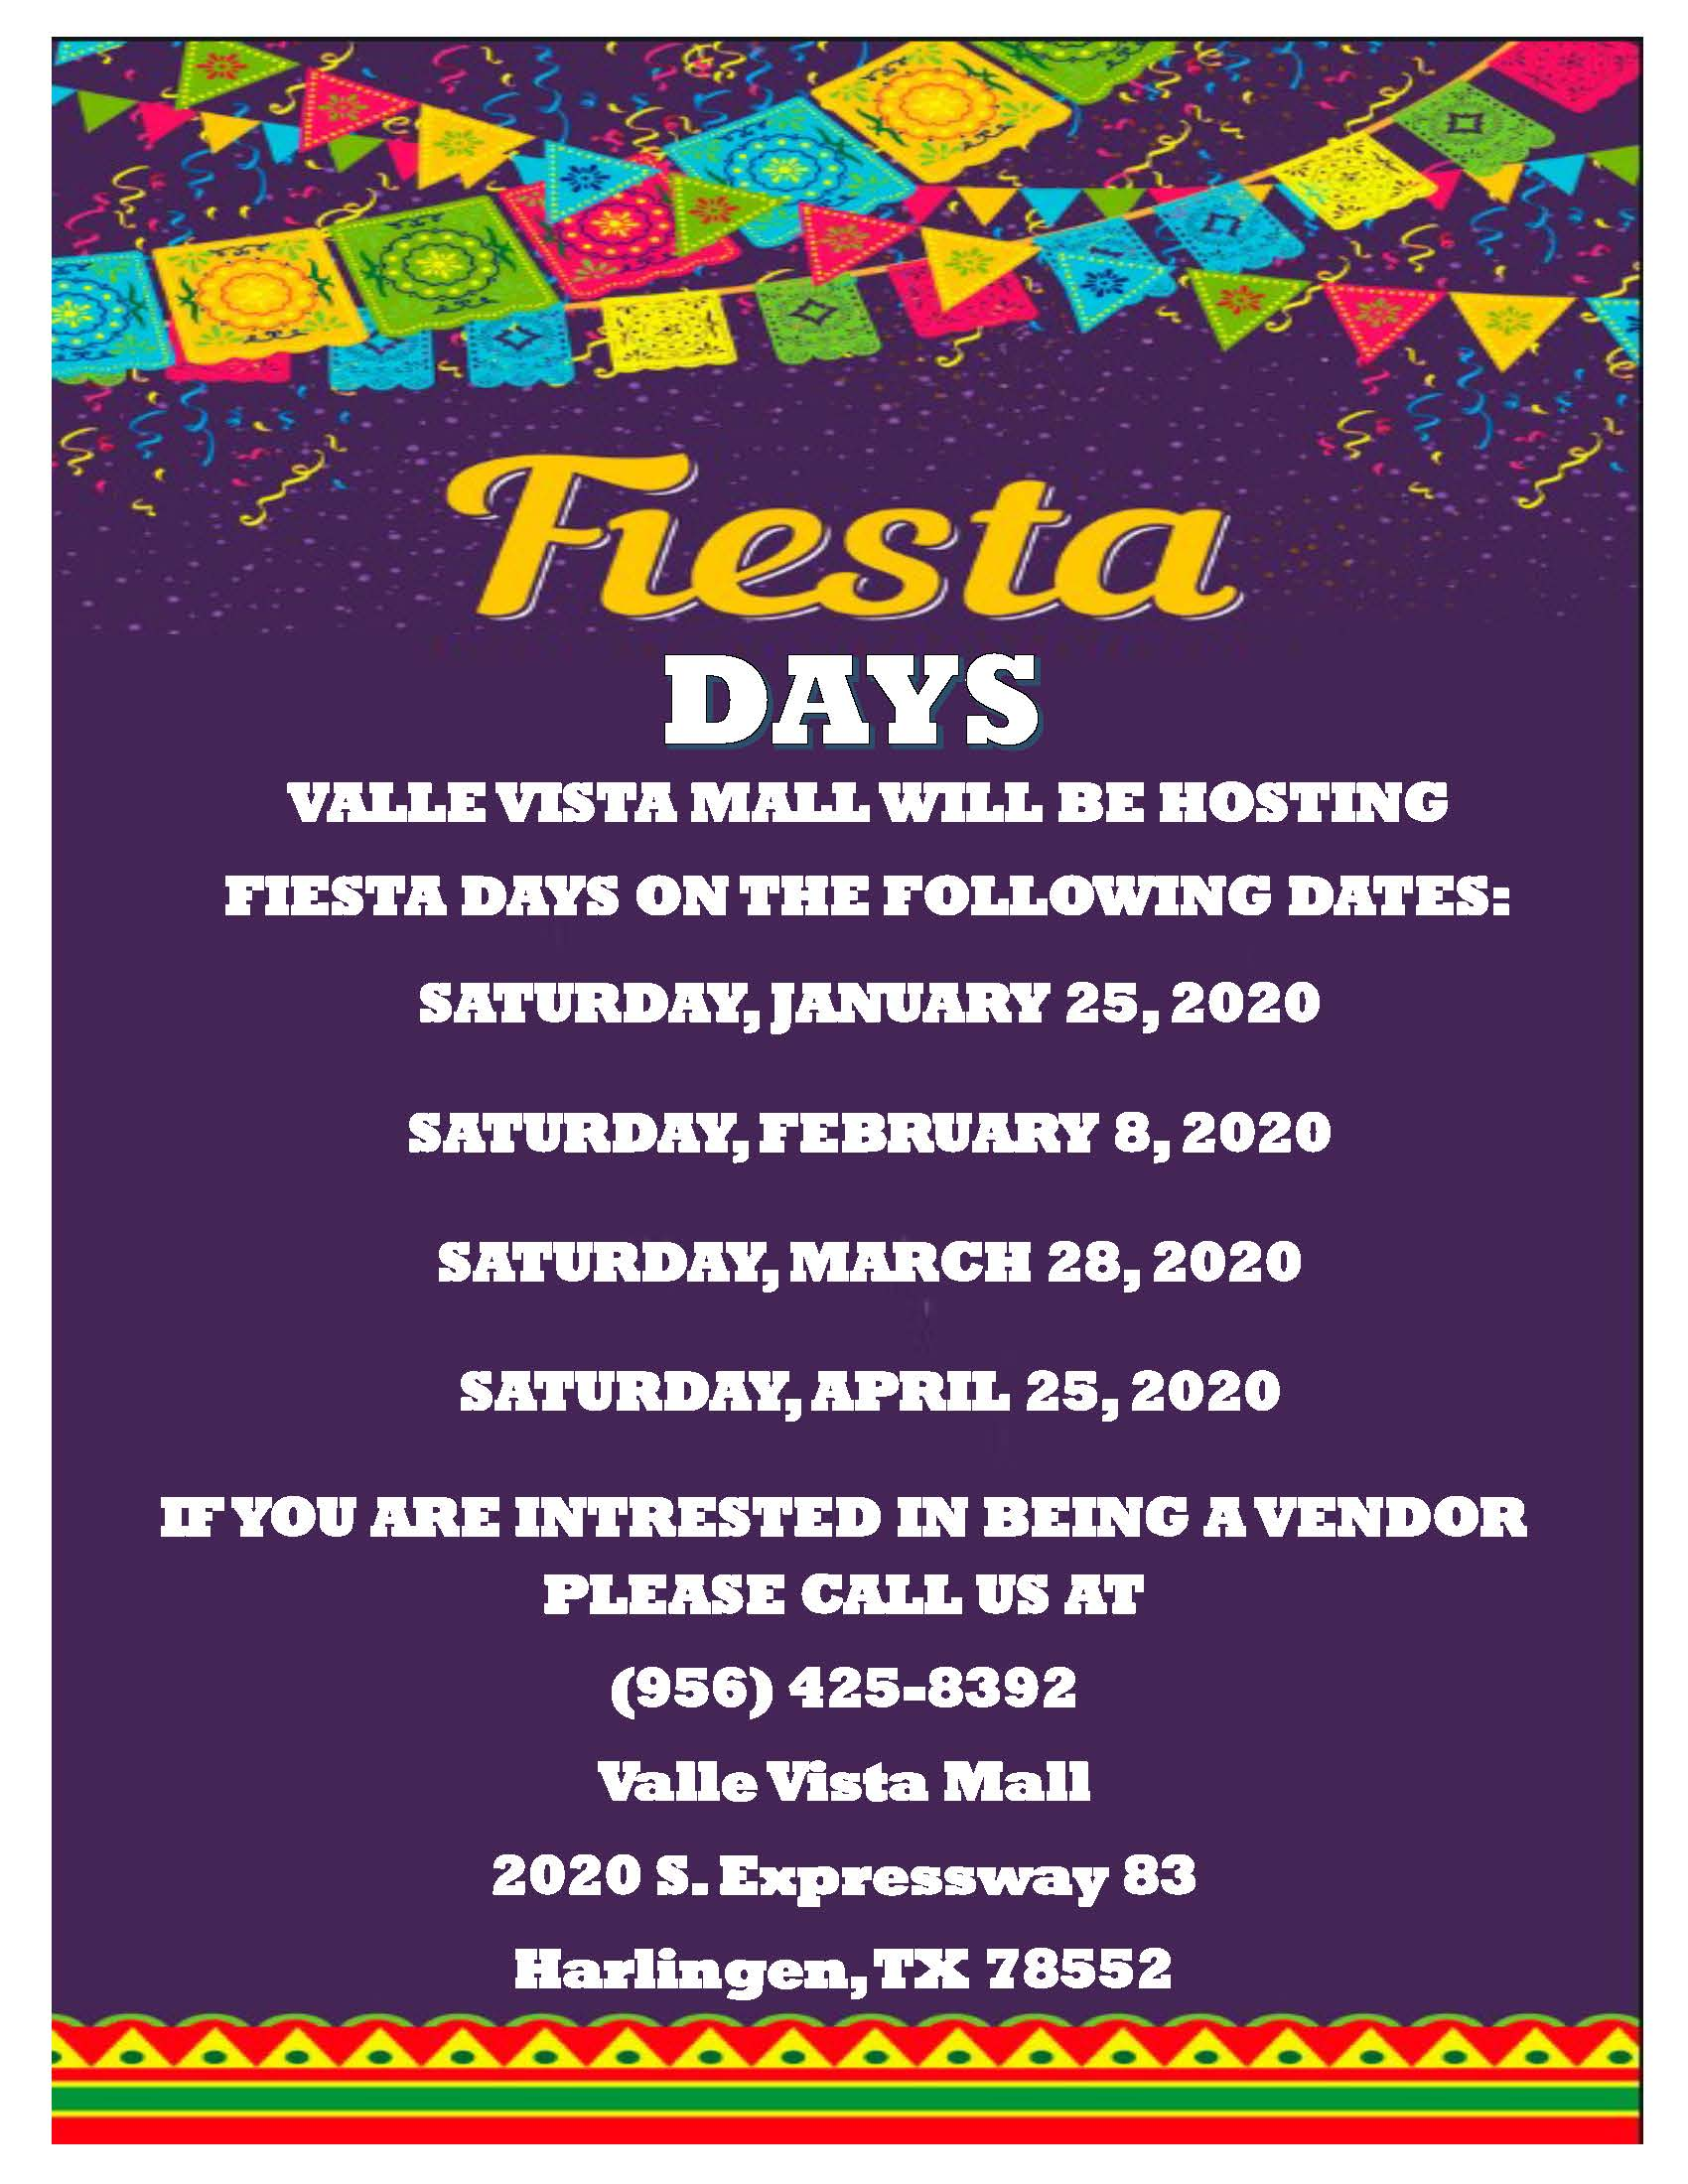 2020 Fiesta Days